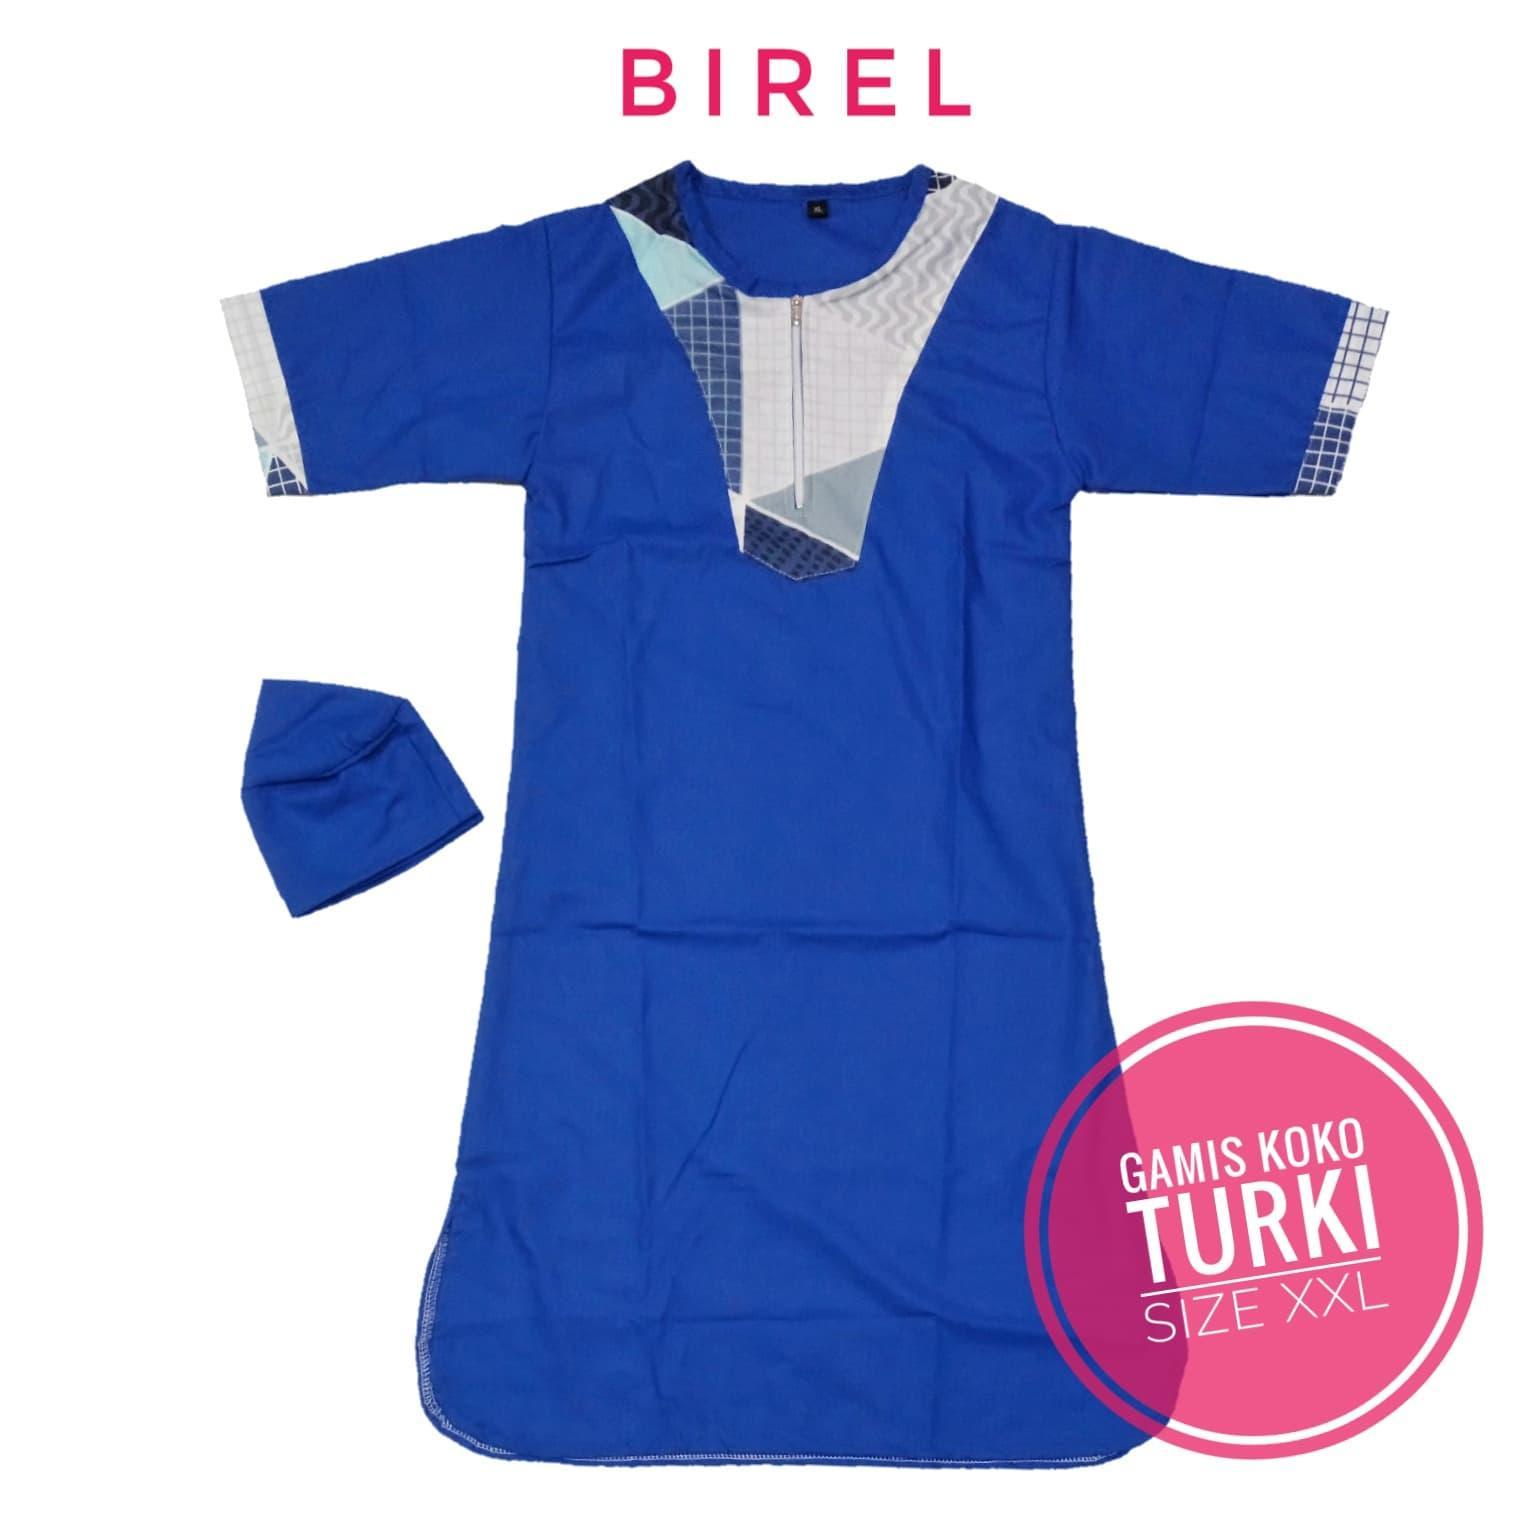 〘TERmuRAh〙QX435 Gamis Koko Jubah Size XXL 5-7 tahun Baju Muslim Anak Laki Cowok TK